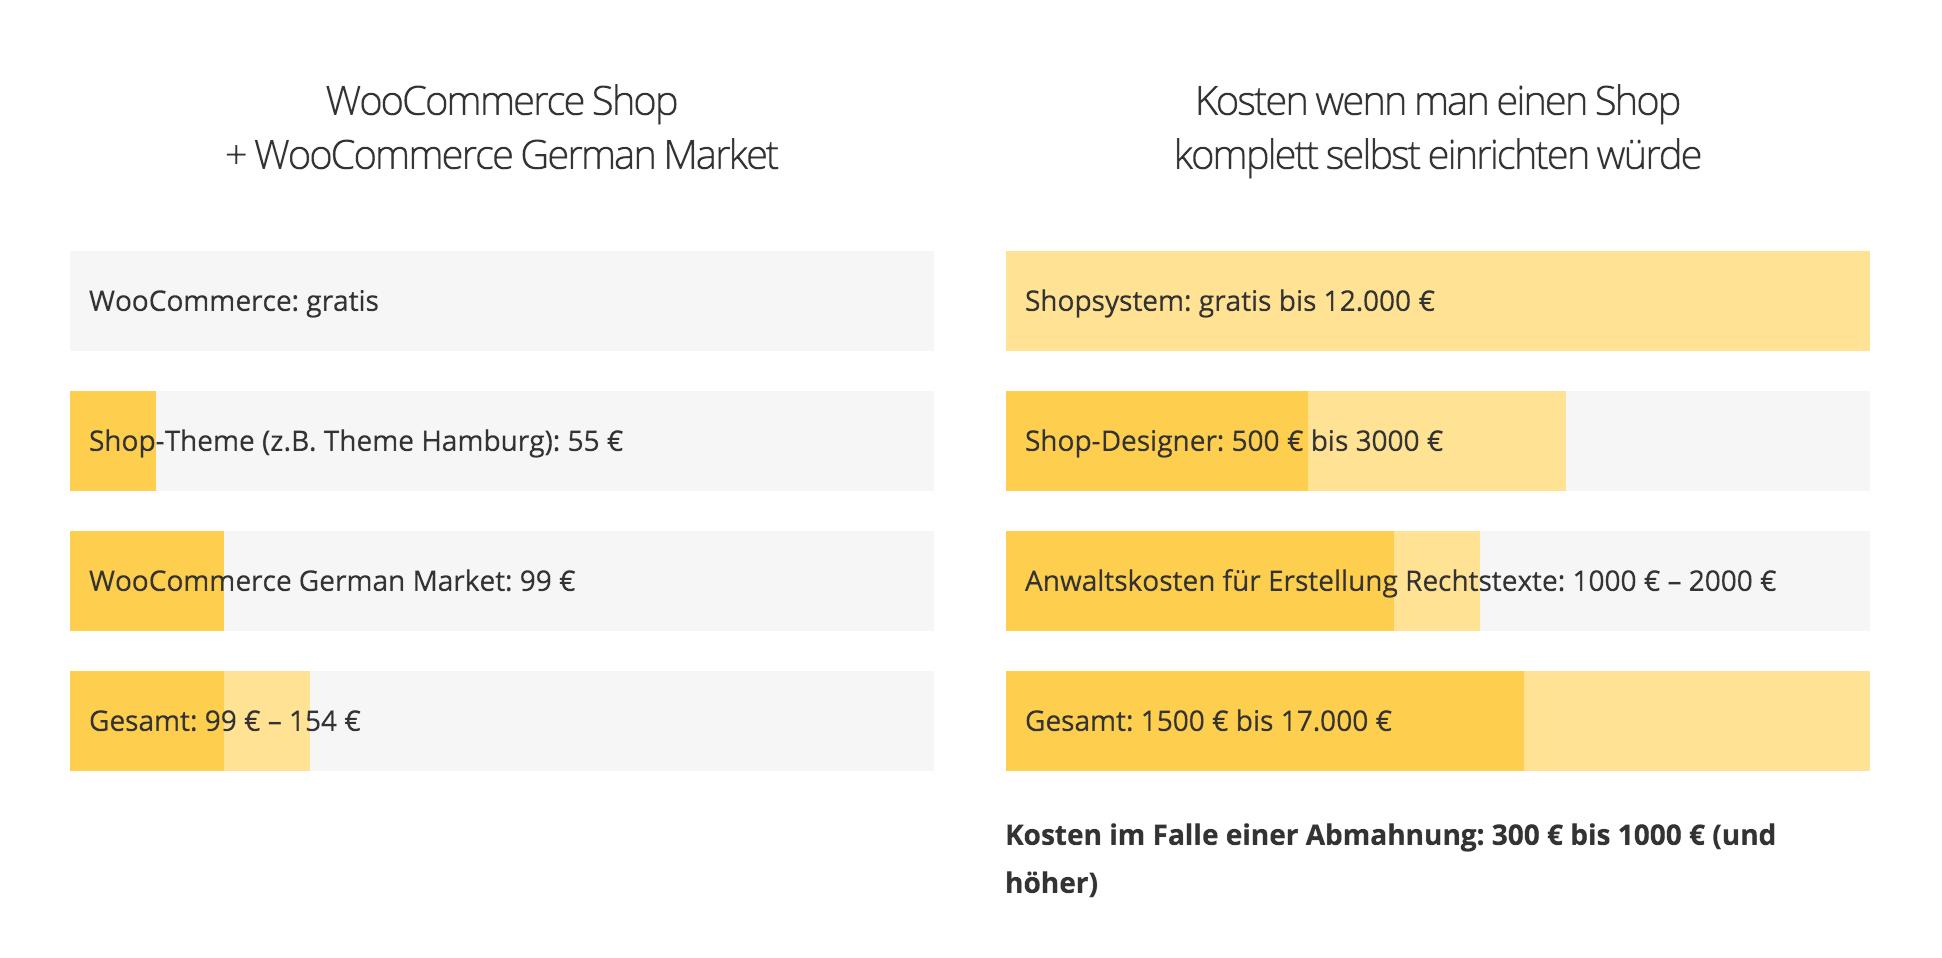 Die Kosten für einen WooCommerce-Shop sind oft deutlich niedriger, als bei vergleichbaren Projekten